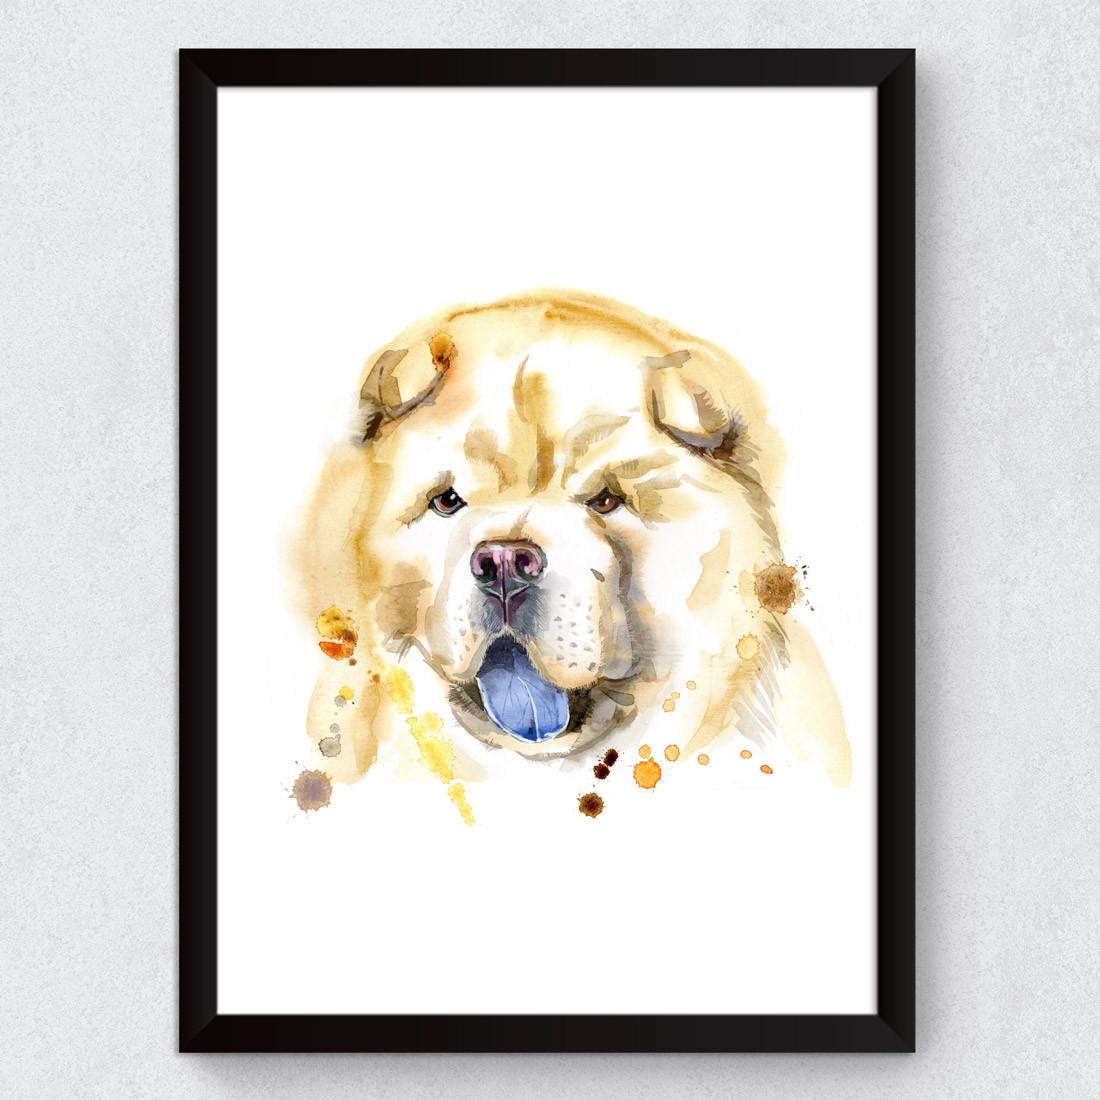 Quadro Decorativo Dog Chau Chau Aquarela